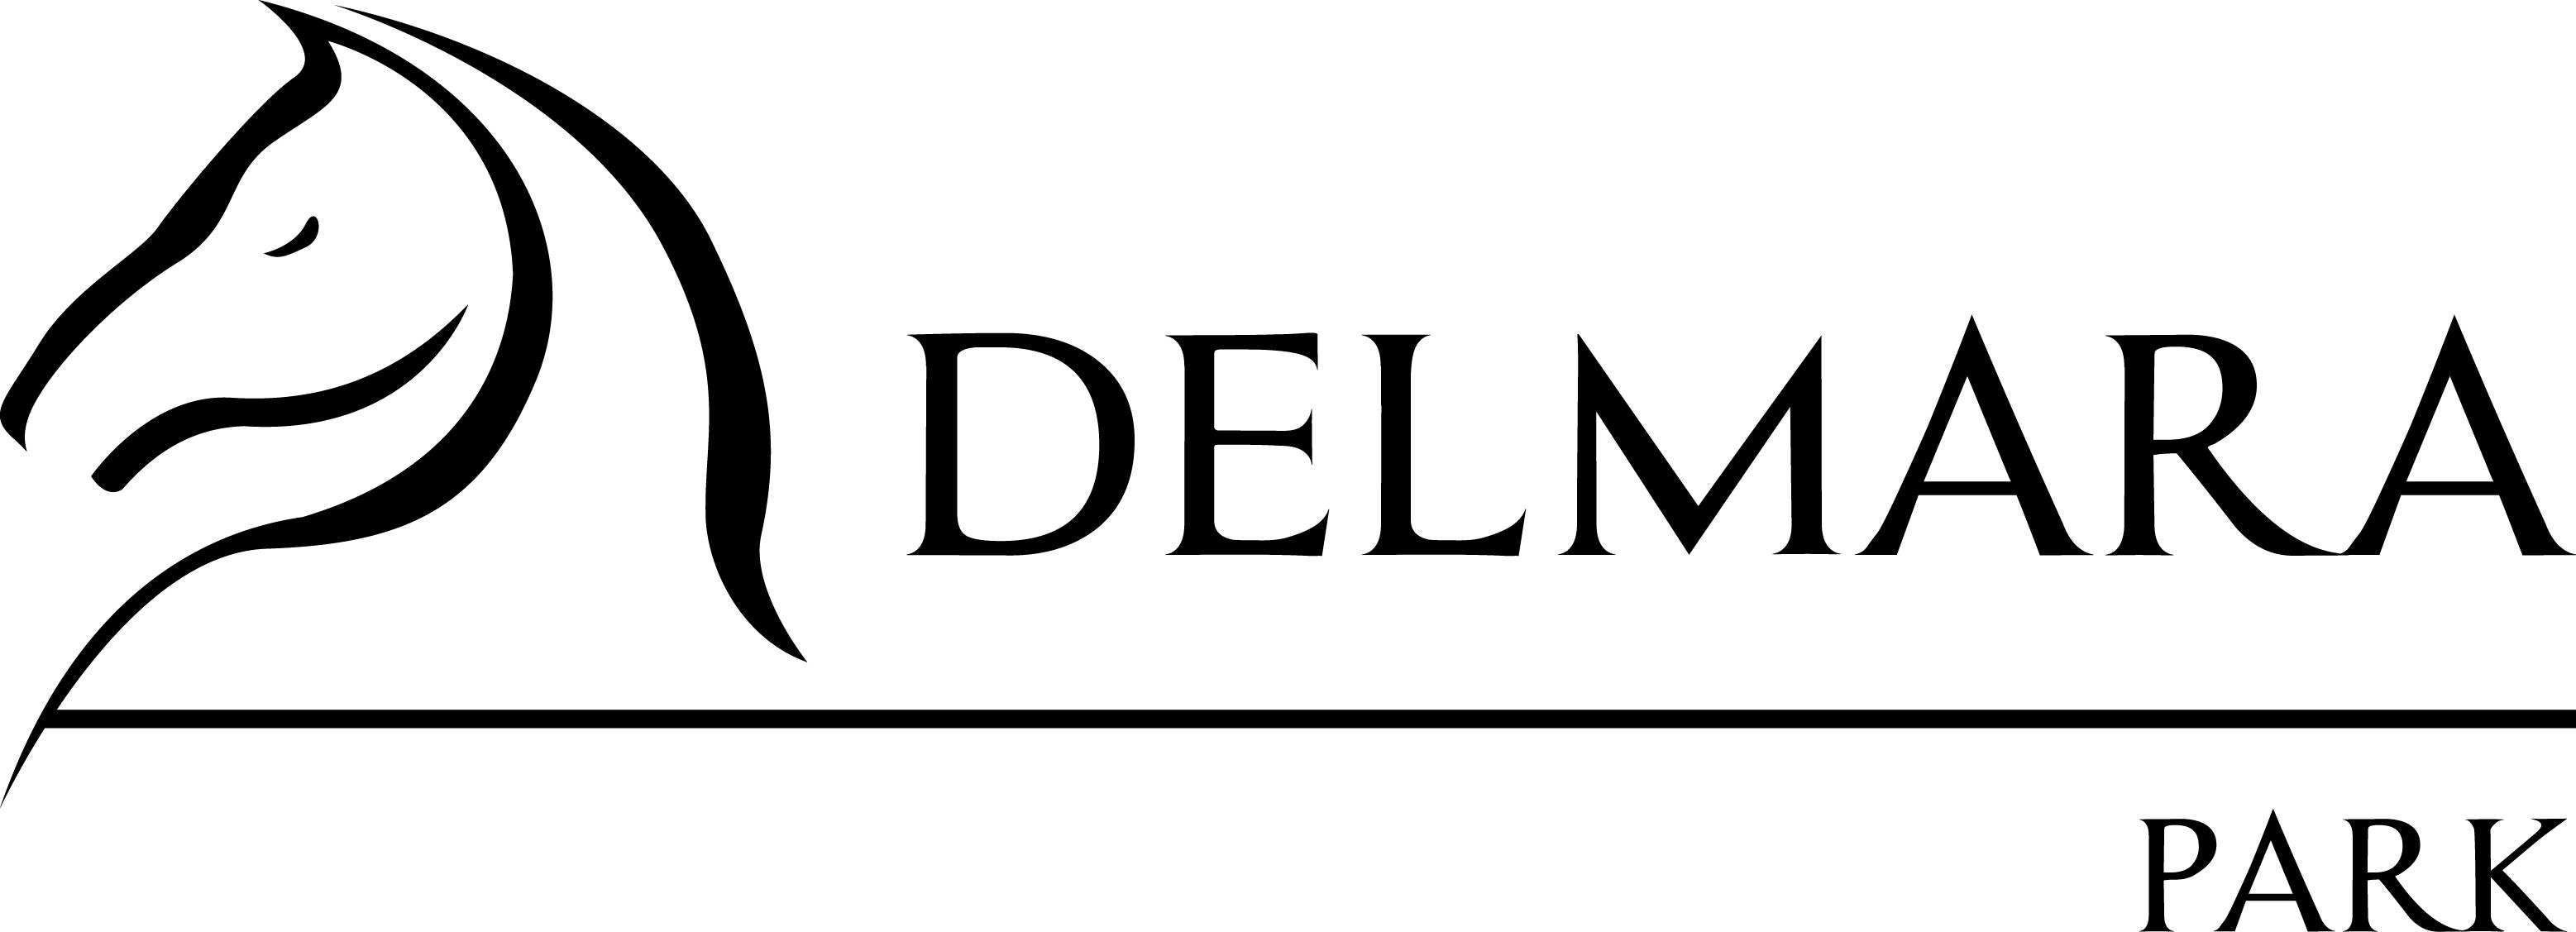 Delmara Park